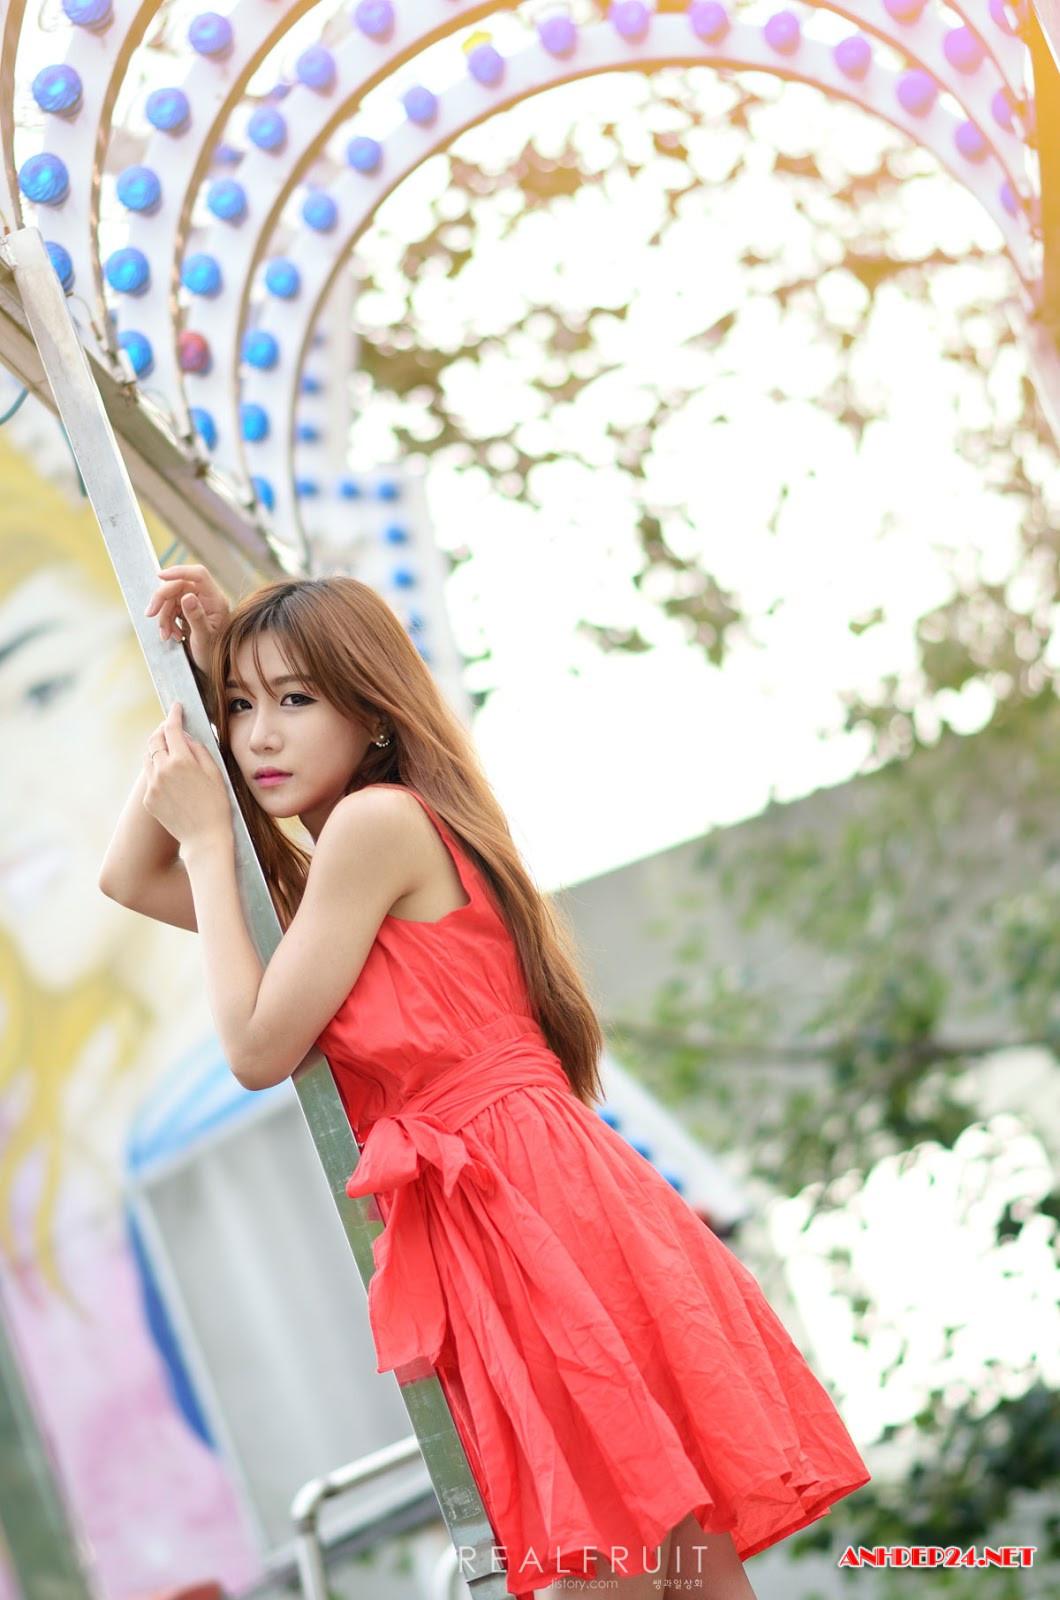 Chân dài Yoon Chae Won xinh đẹp quyến rũ hút mắt người nhìn - Hình 8